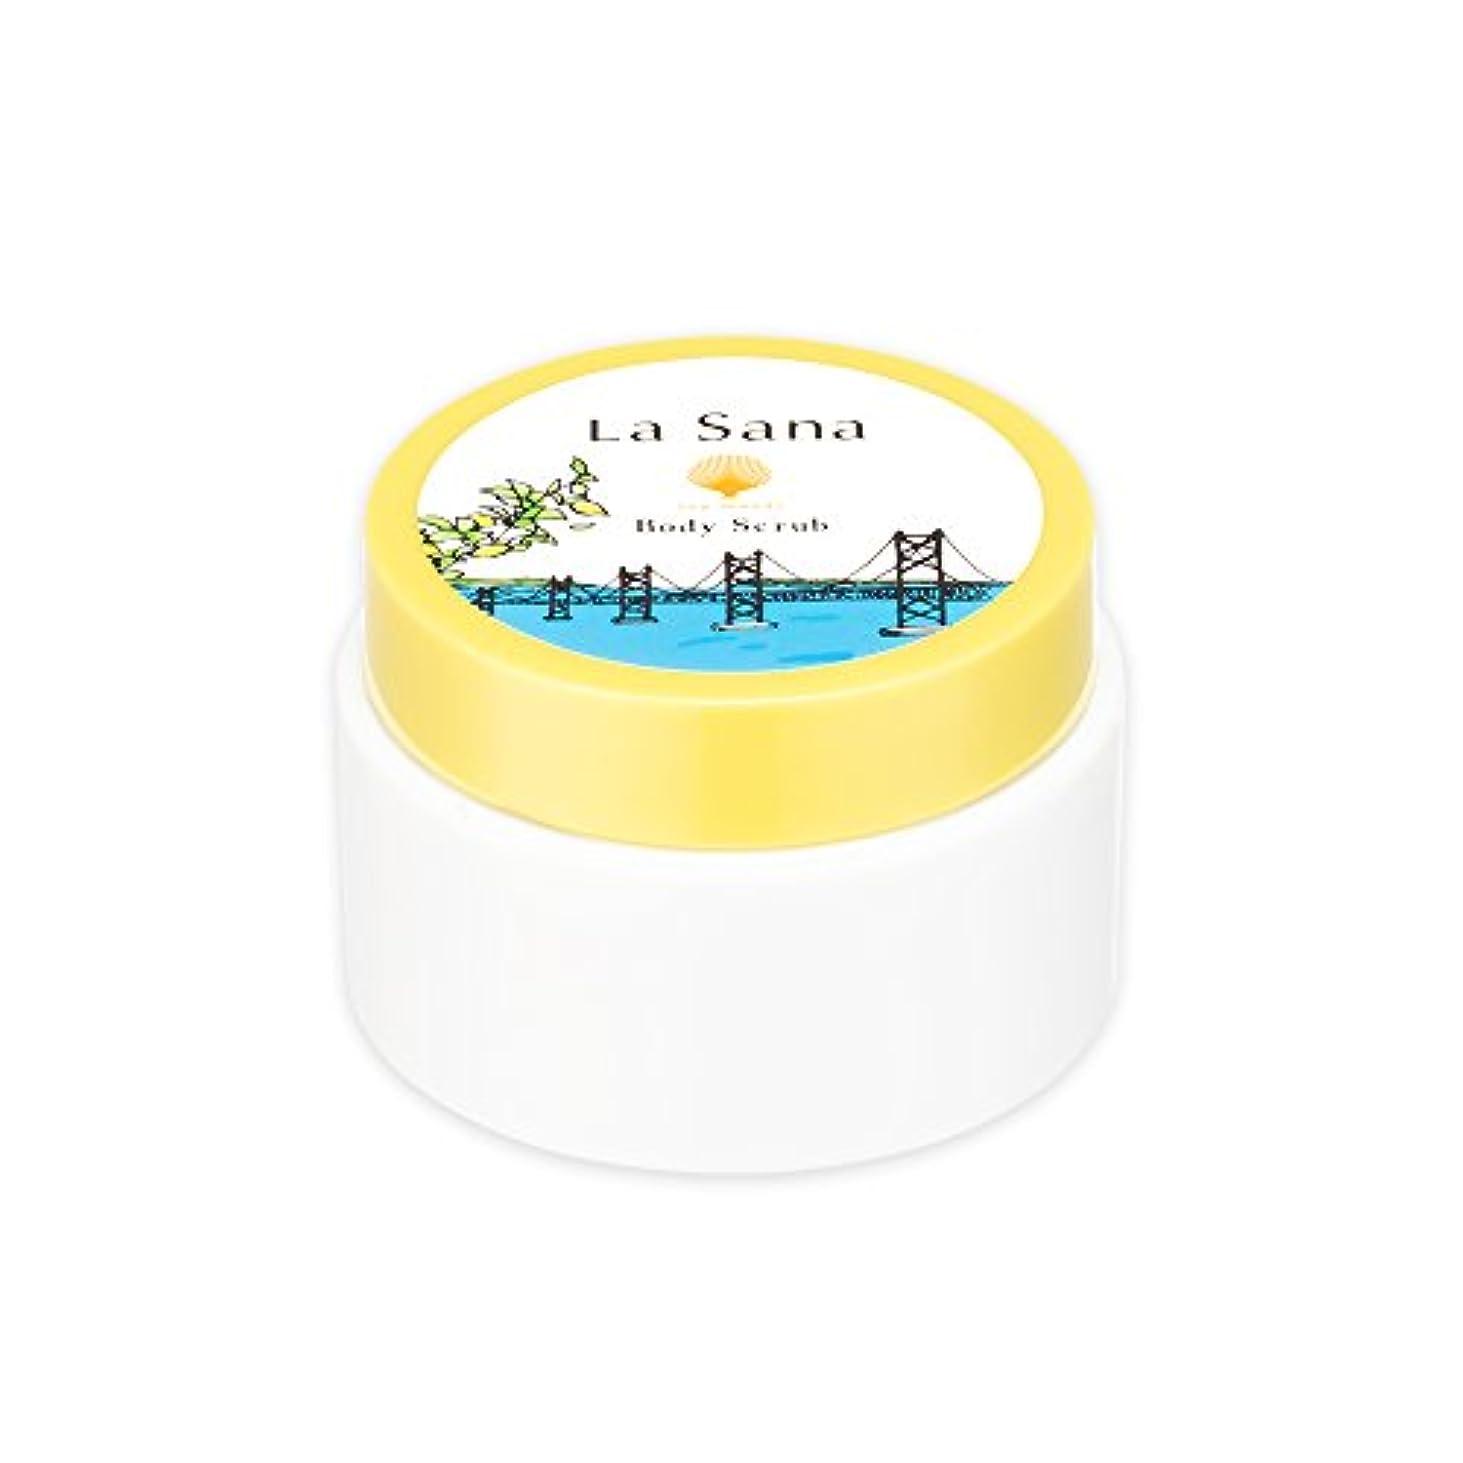 してはいけない可聴見せますラサーナ La sana 海藻 ボディ スクラブ 100g 限定 瀬戸内レモンの香り ボディケア 日本製 (約1ヵ月分)